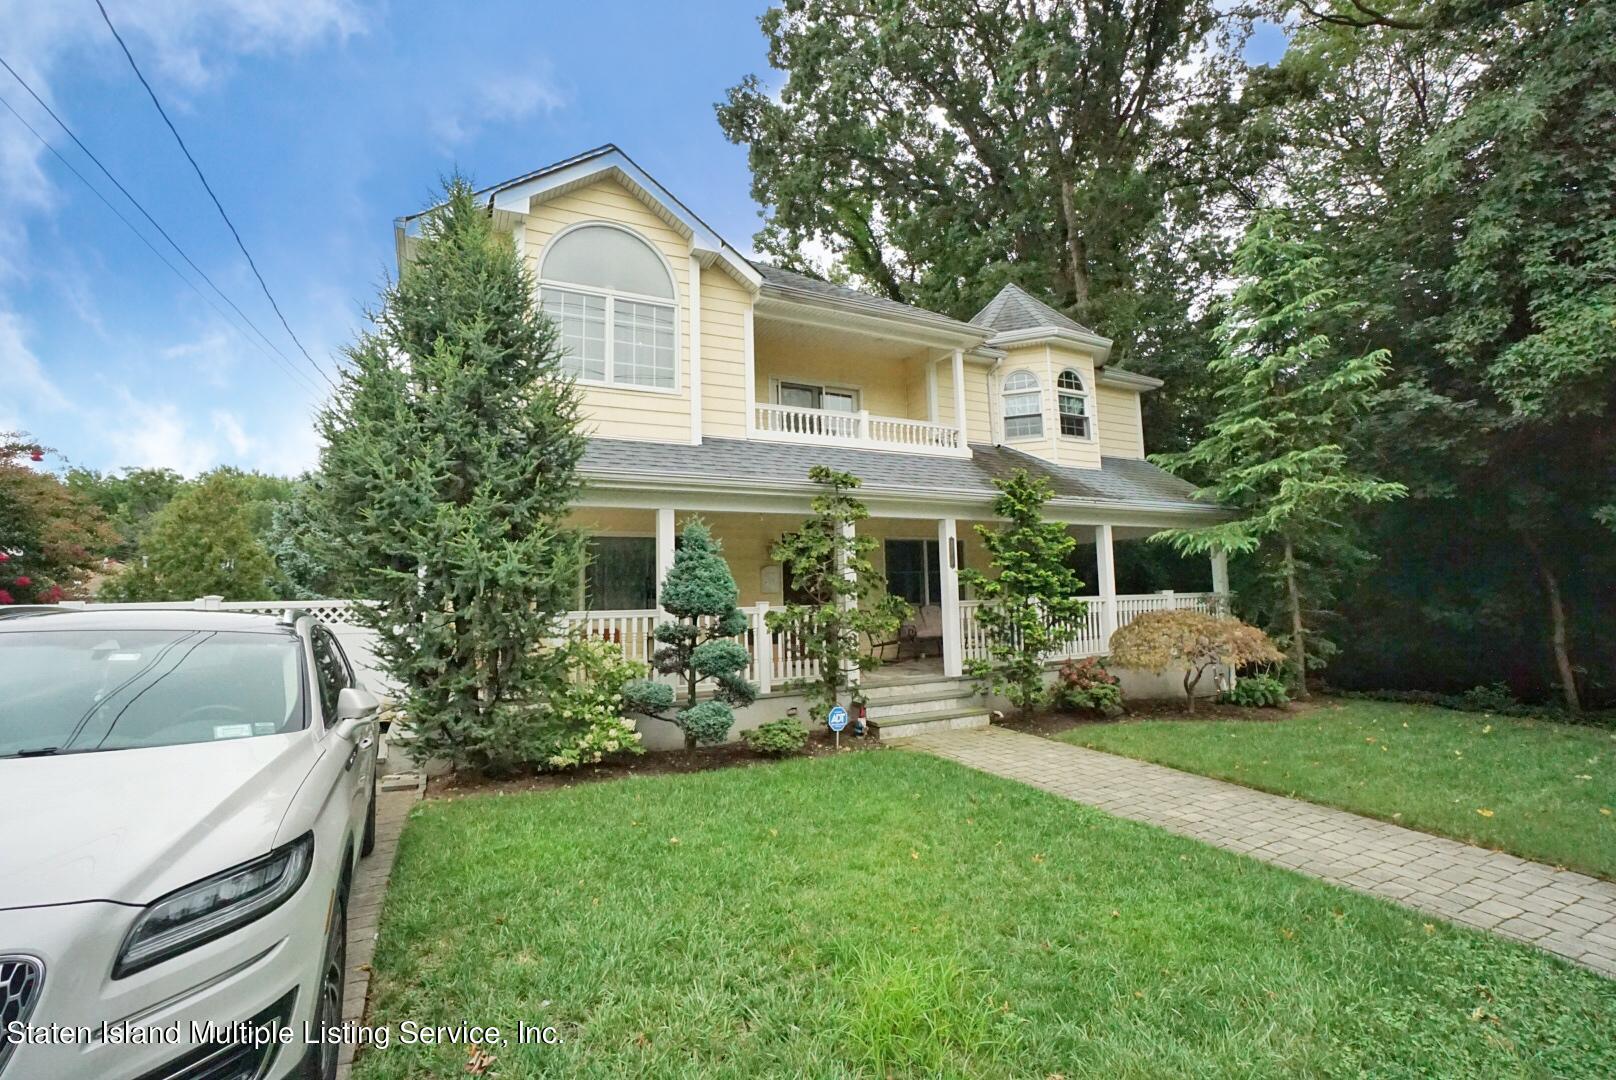 Single Family - Detached 578 Drumgoole Road  Staten Island, NY 10312, MLS-1148771-2